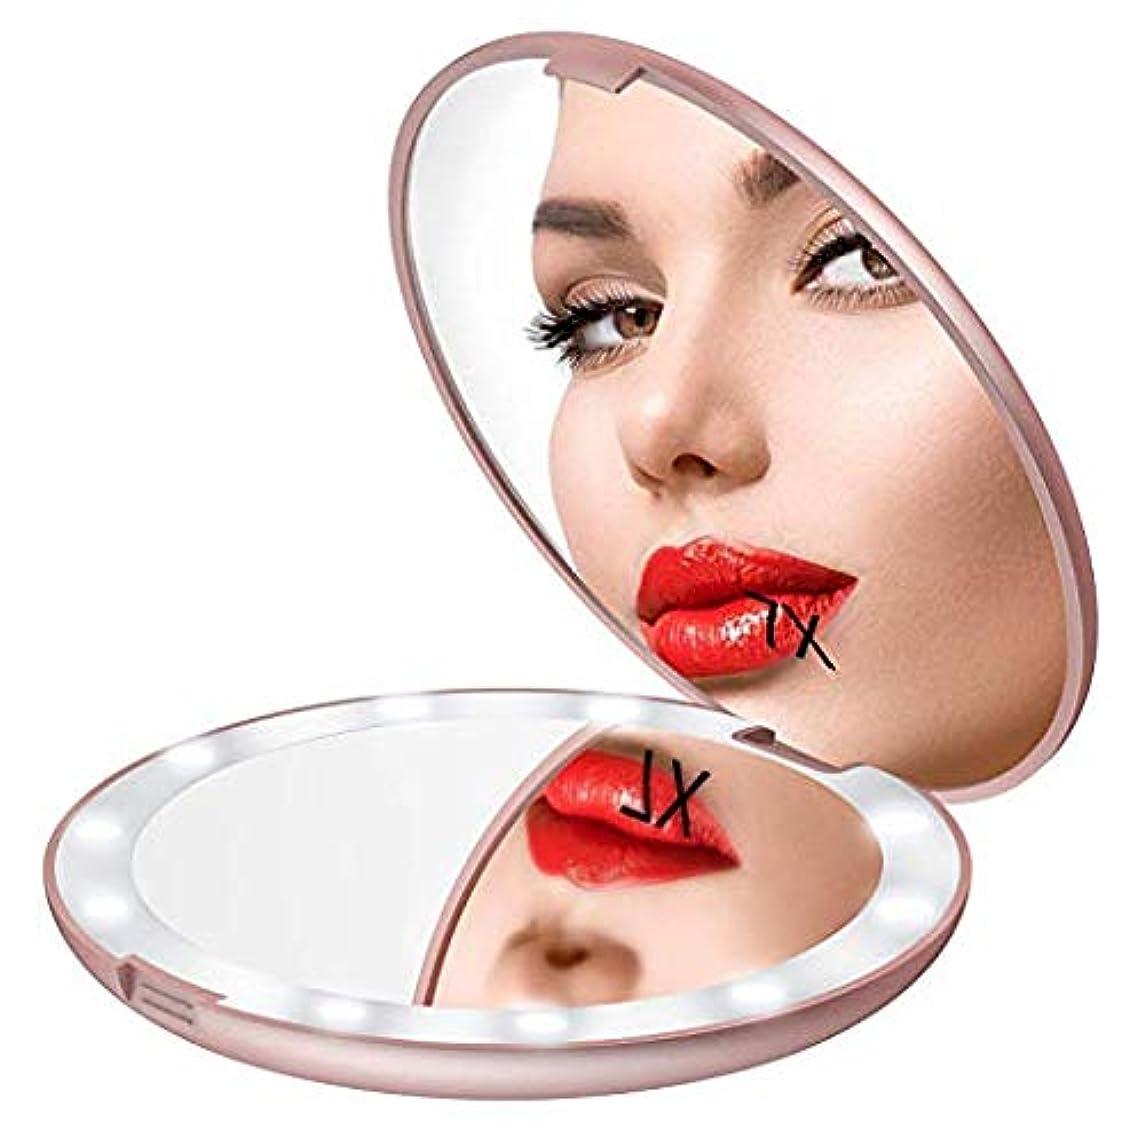 共感するキリスト発動機Gospire 化粧鏡 7倍拡大鏡 携帯ミラー 化粧ミラー LEDライト 手鏡 折りたたみ式 コンパクト 角度調整可 (ピンクゴールド)